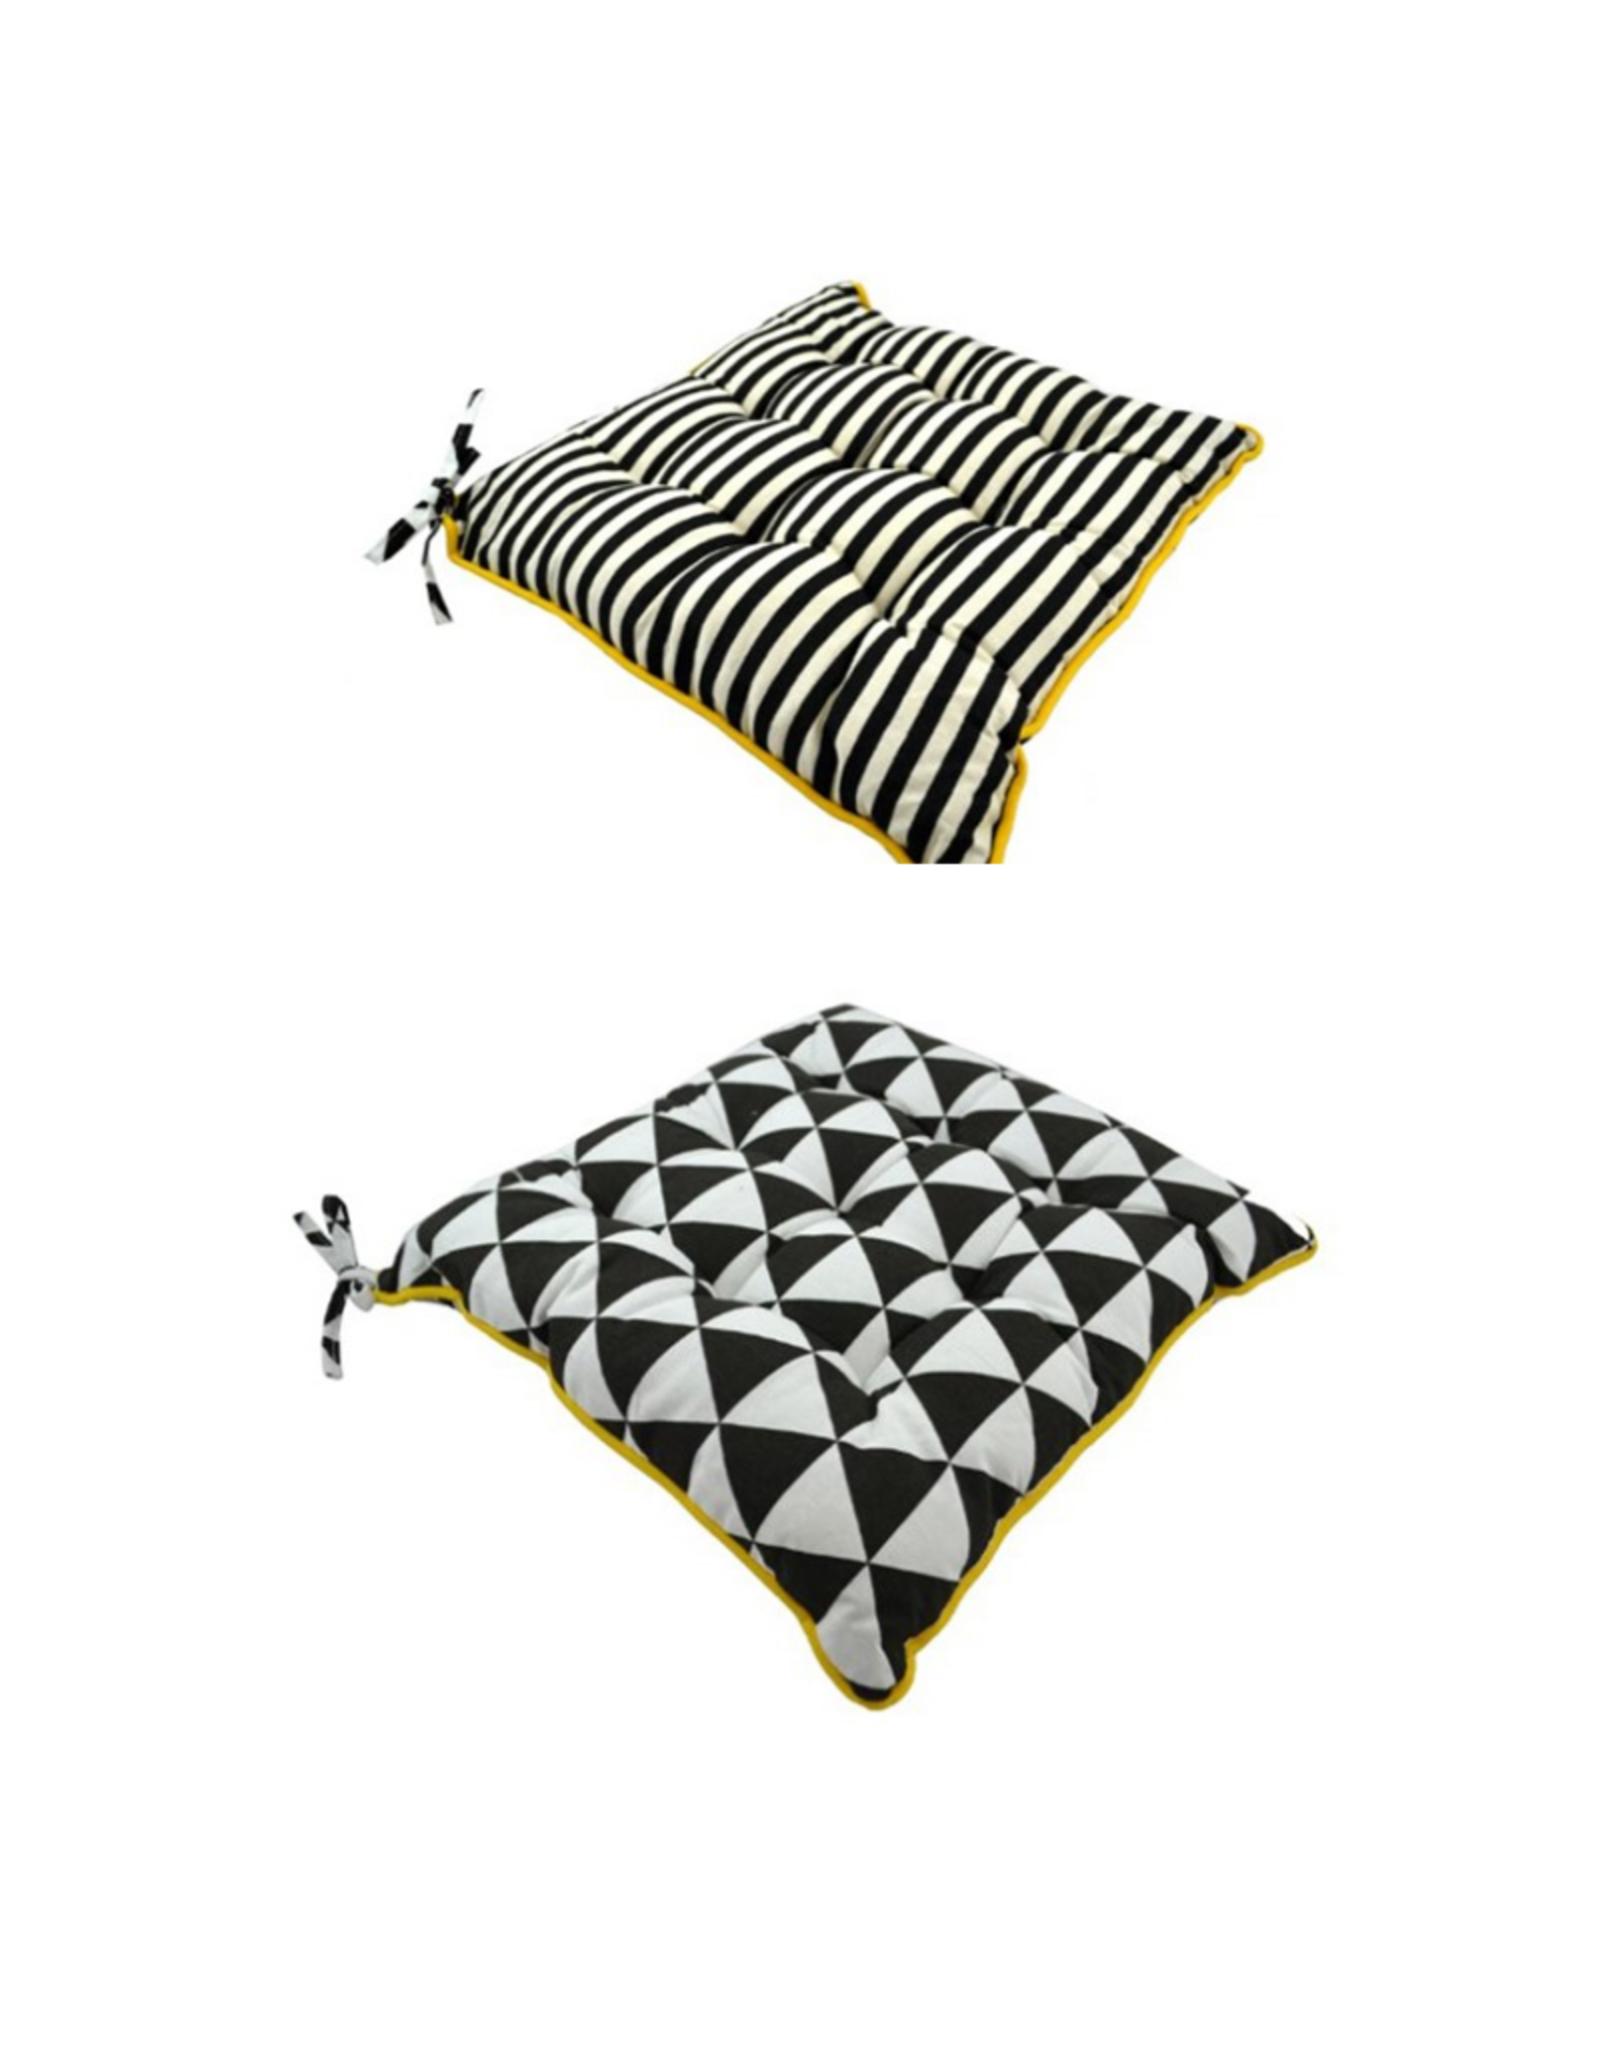 Coussin de chaise réversible Noir et blanc